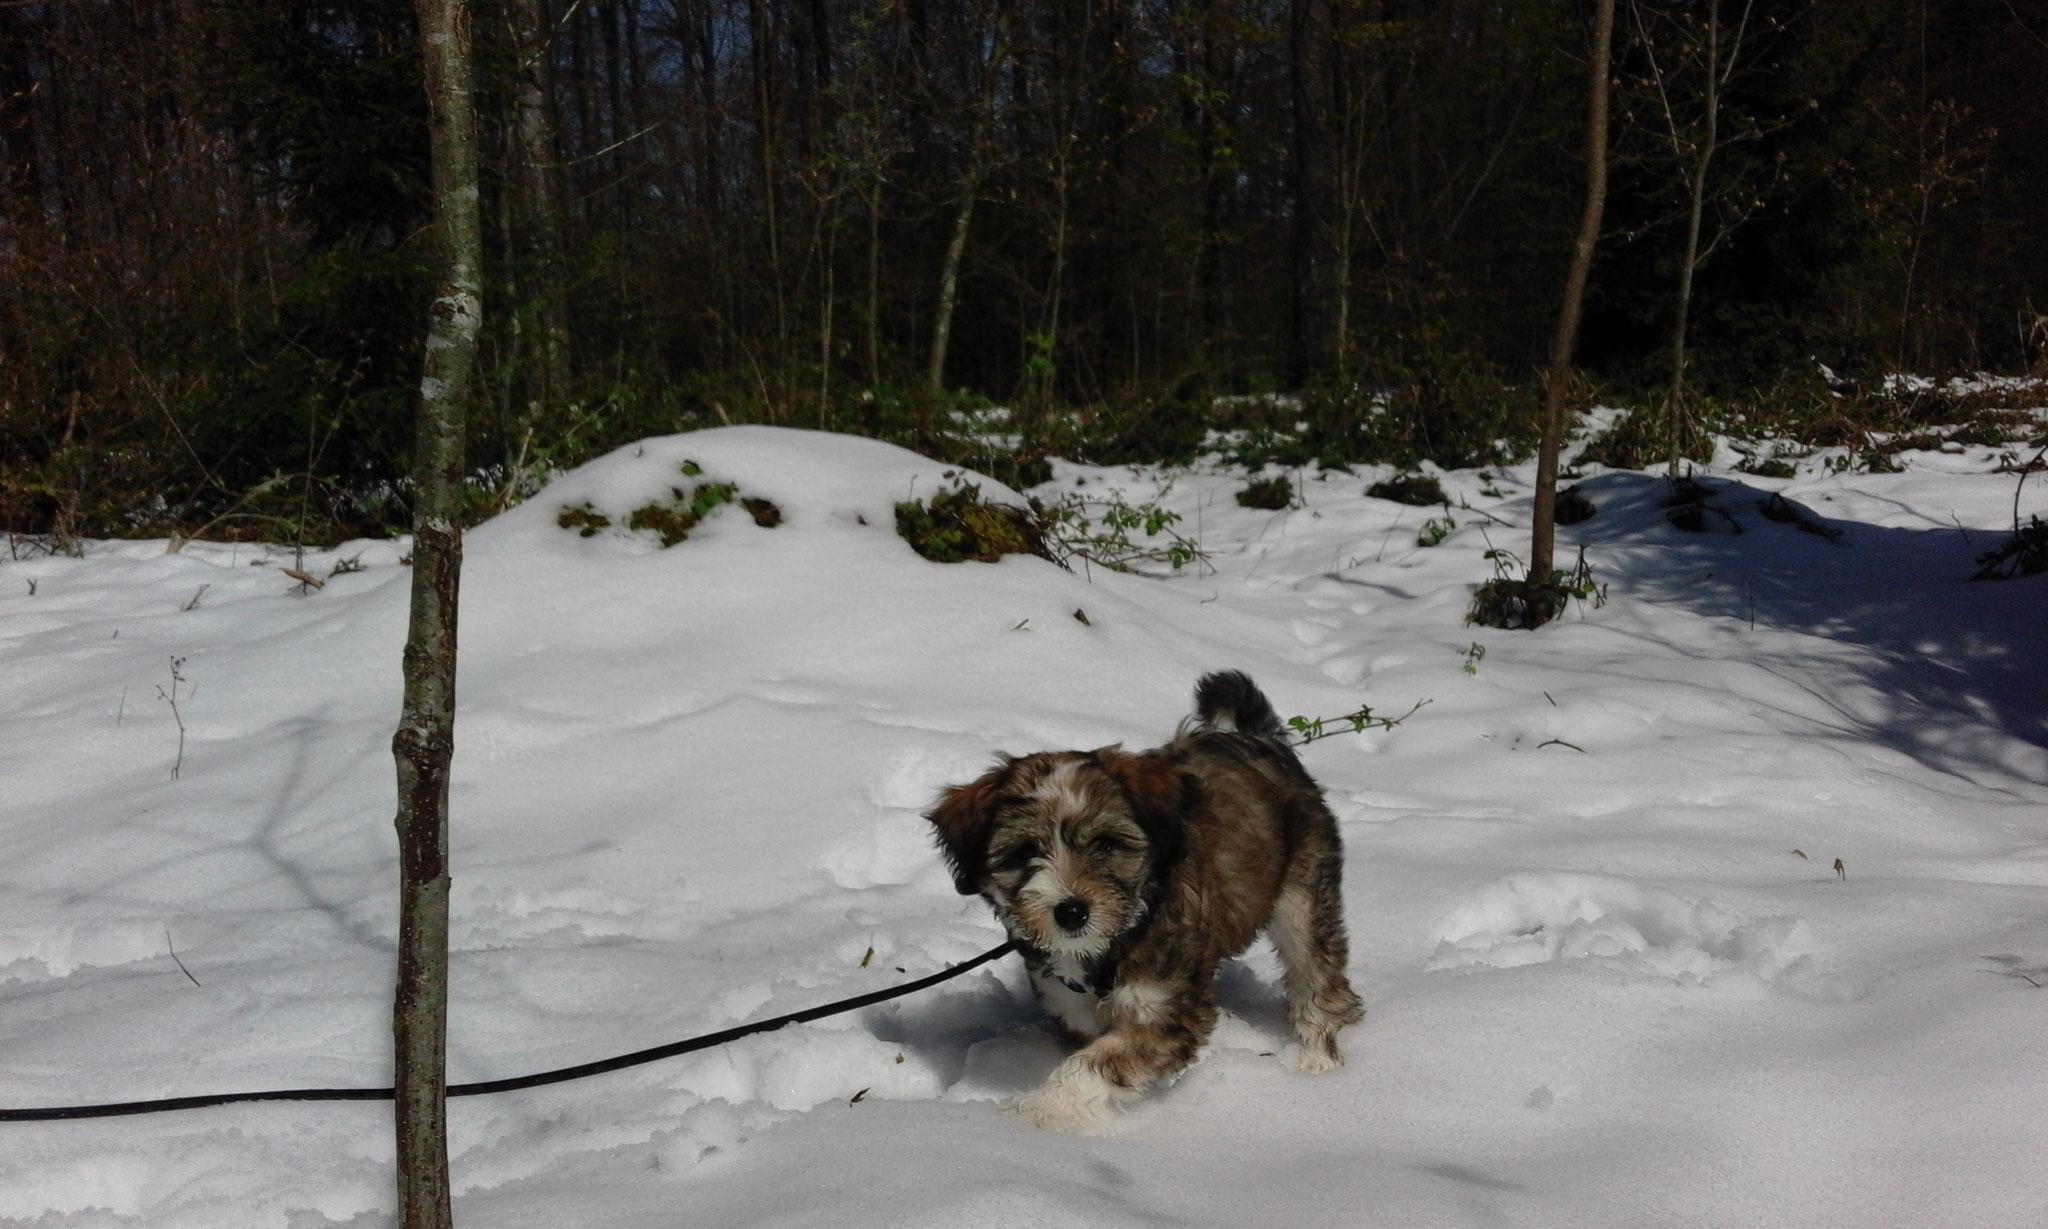 der Schnee nimmt am Bodensee kein Ende...dafür gibts keine Zecken..lach